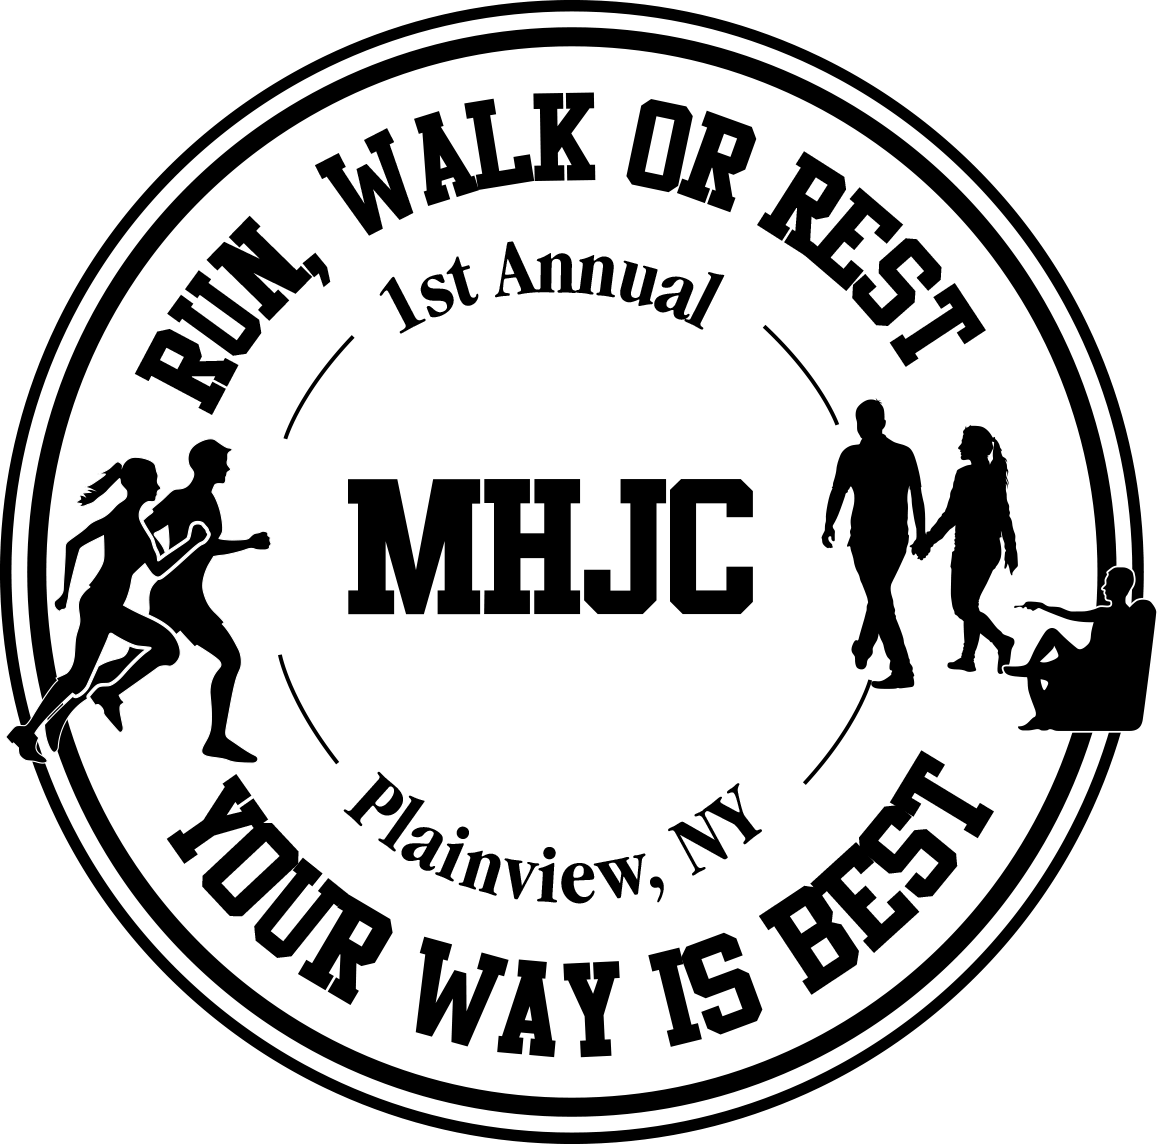 2021 Manetto Hill Jewish Center Run 5K / Walk 1K / Rest